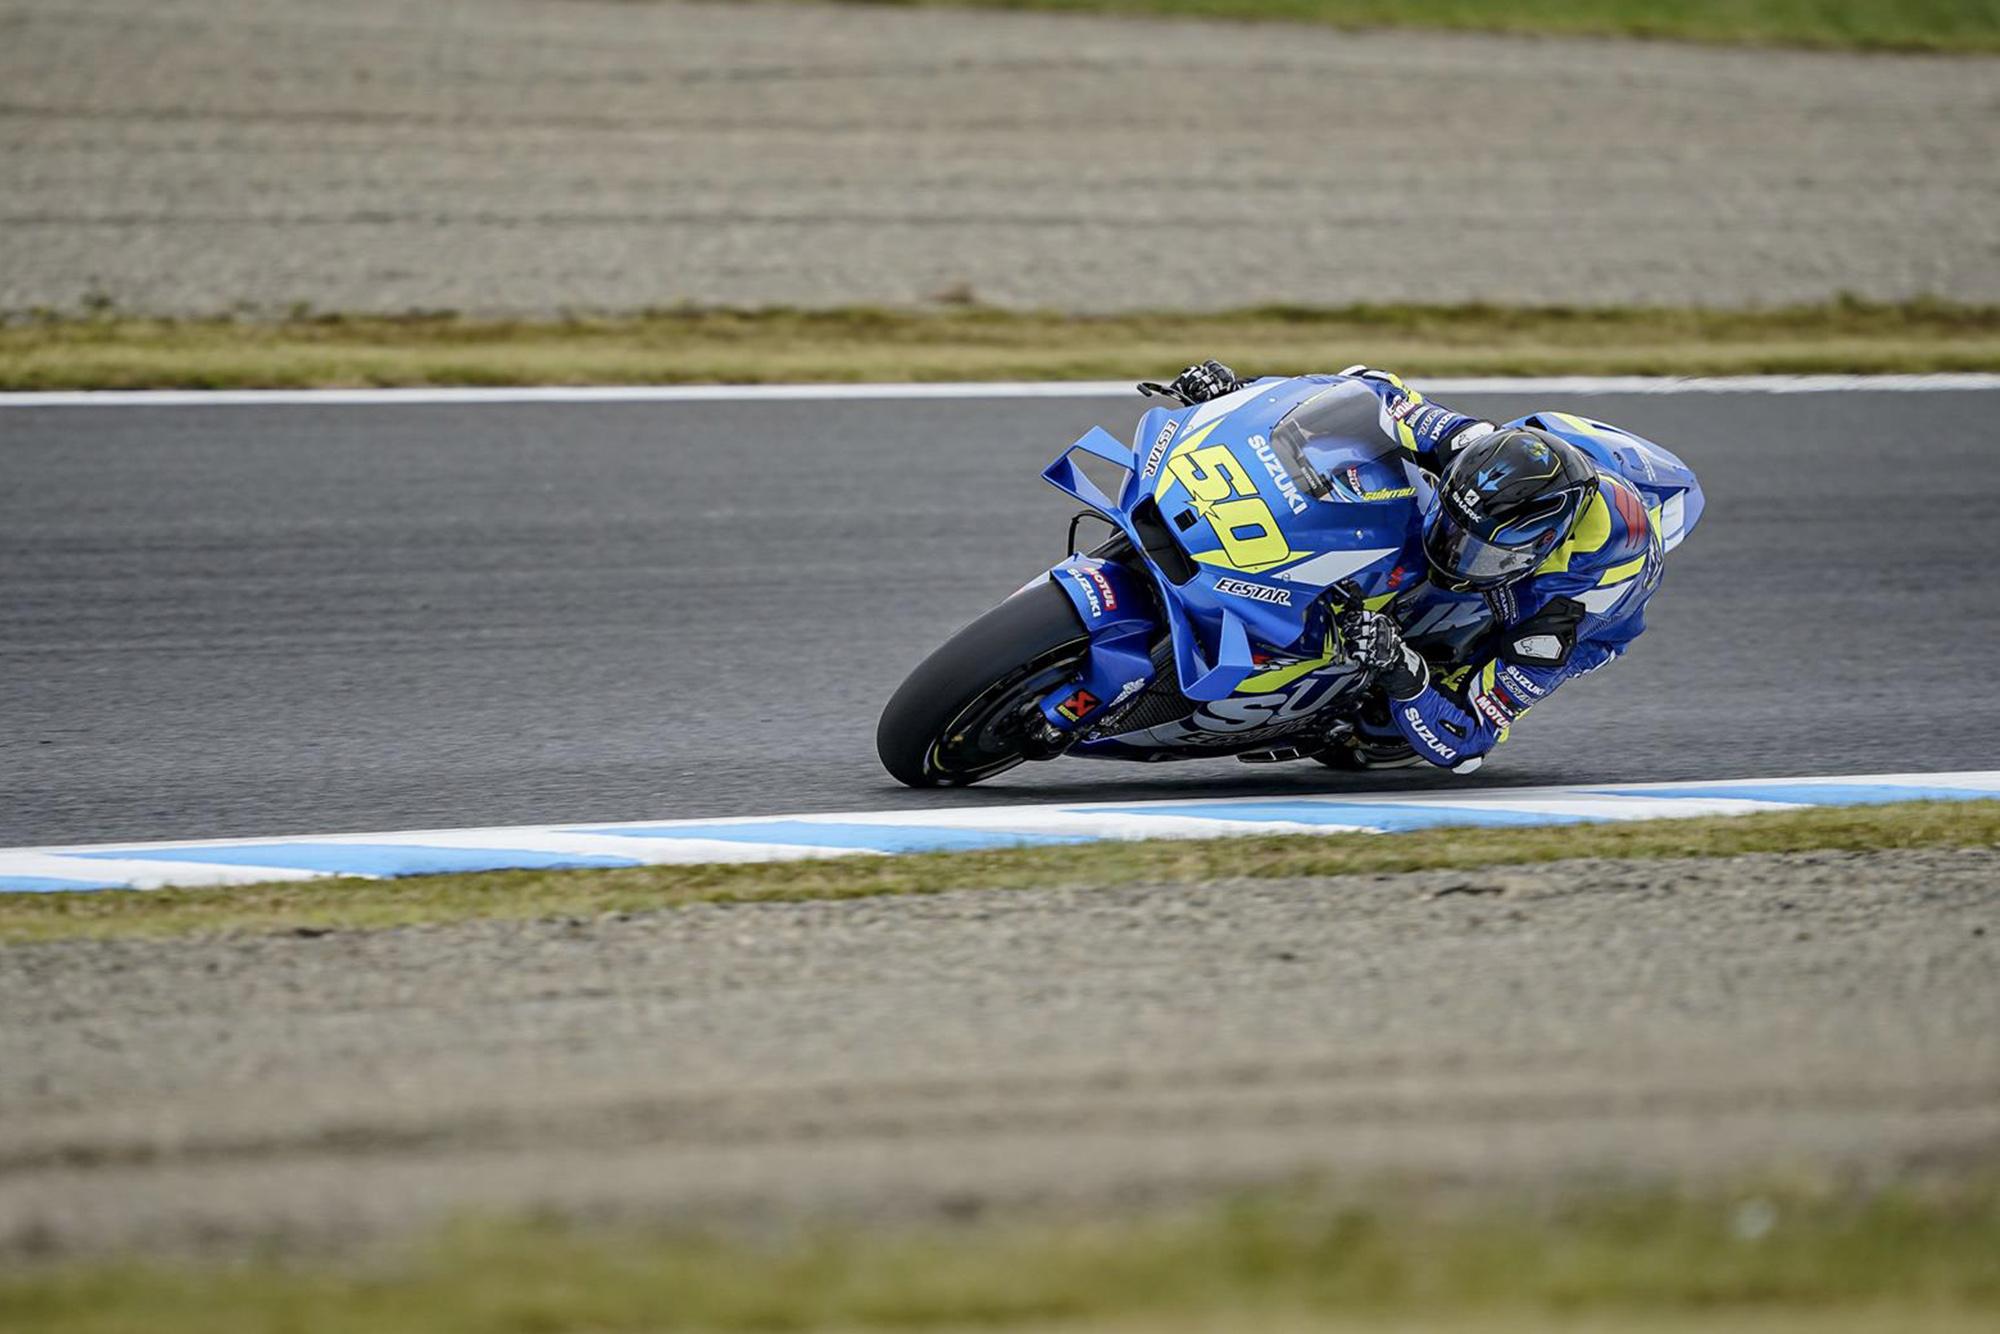 Suzuki test rider Sylvain Guintoli during practice in Motegi